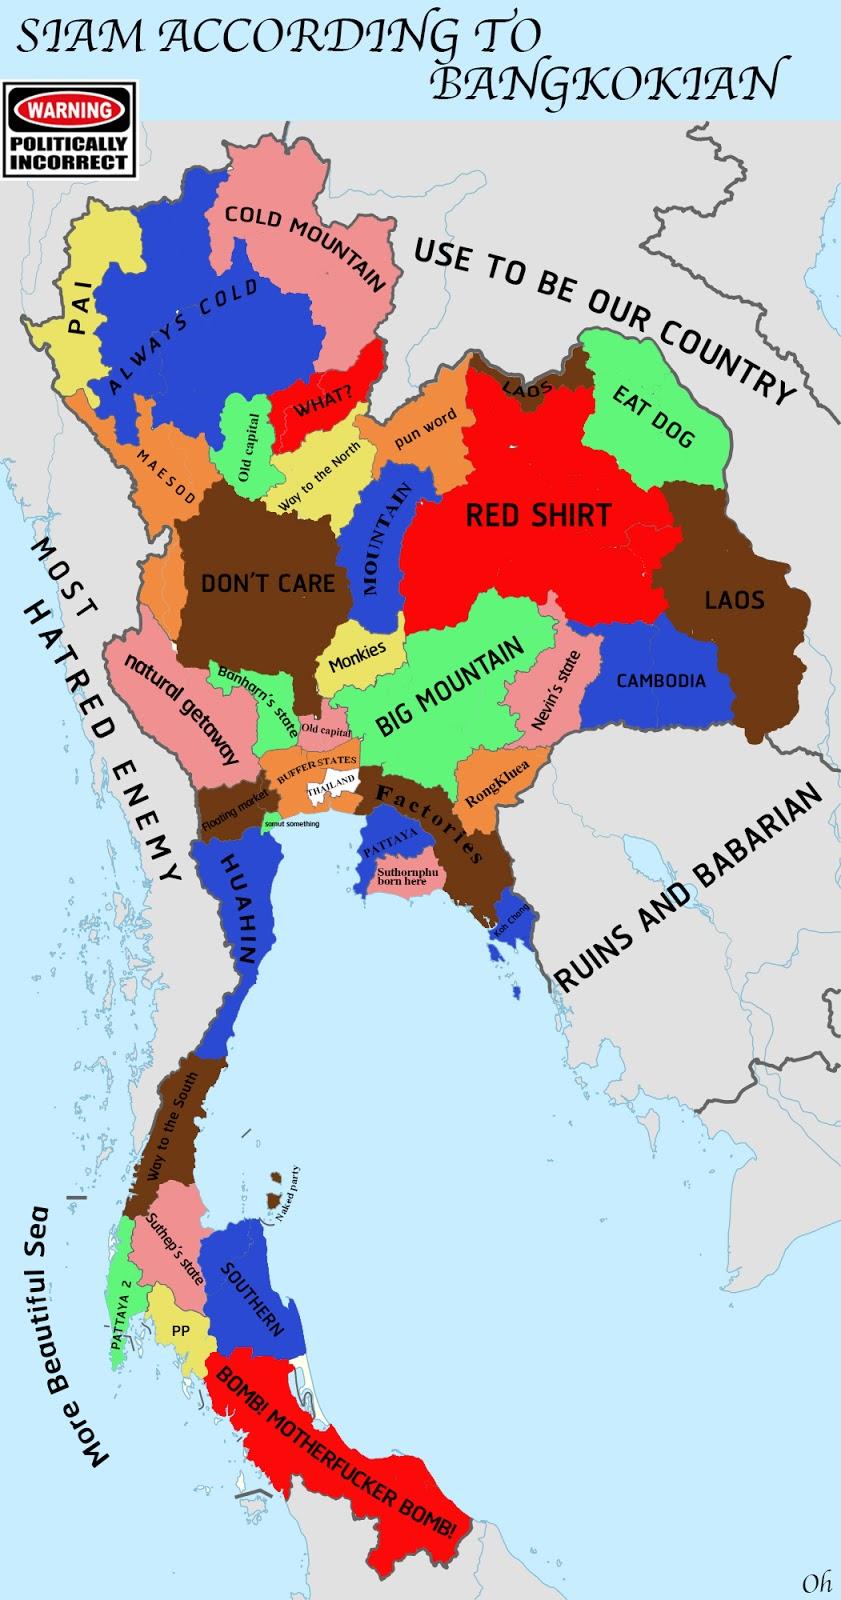 Thailand According To Bangkokians